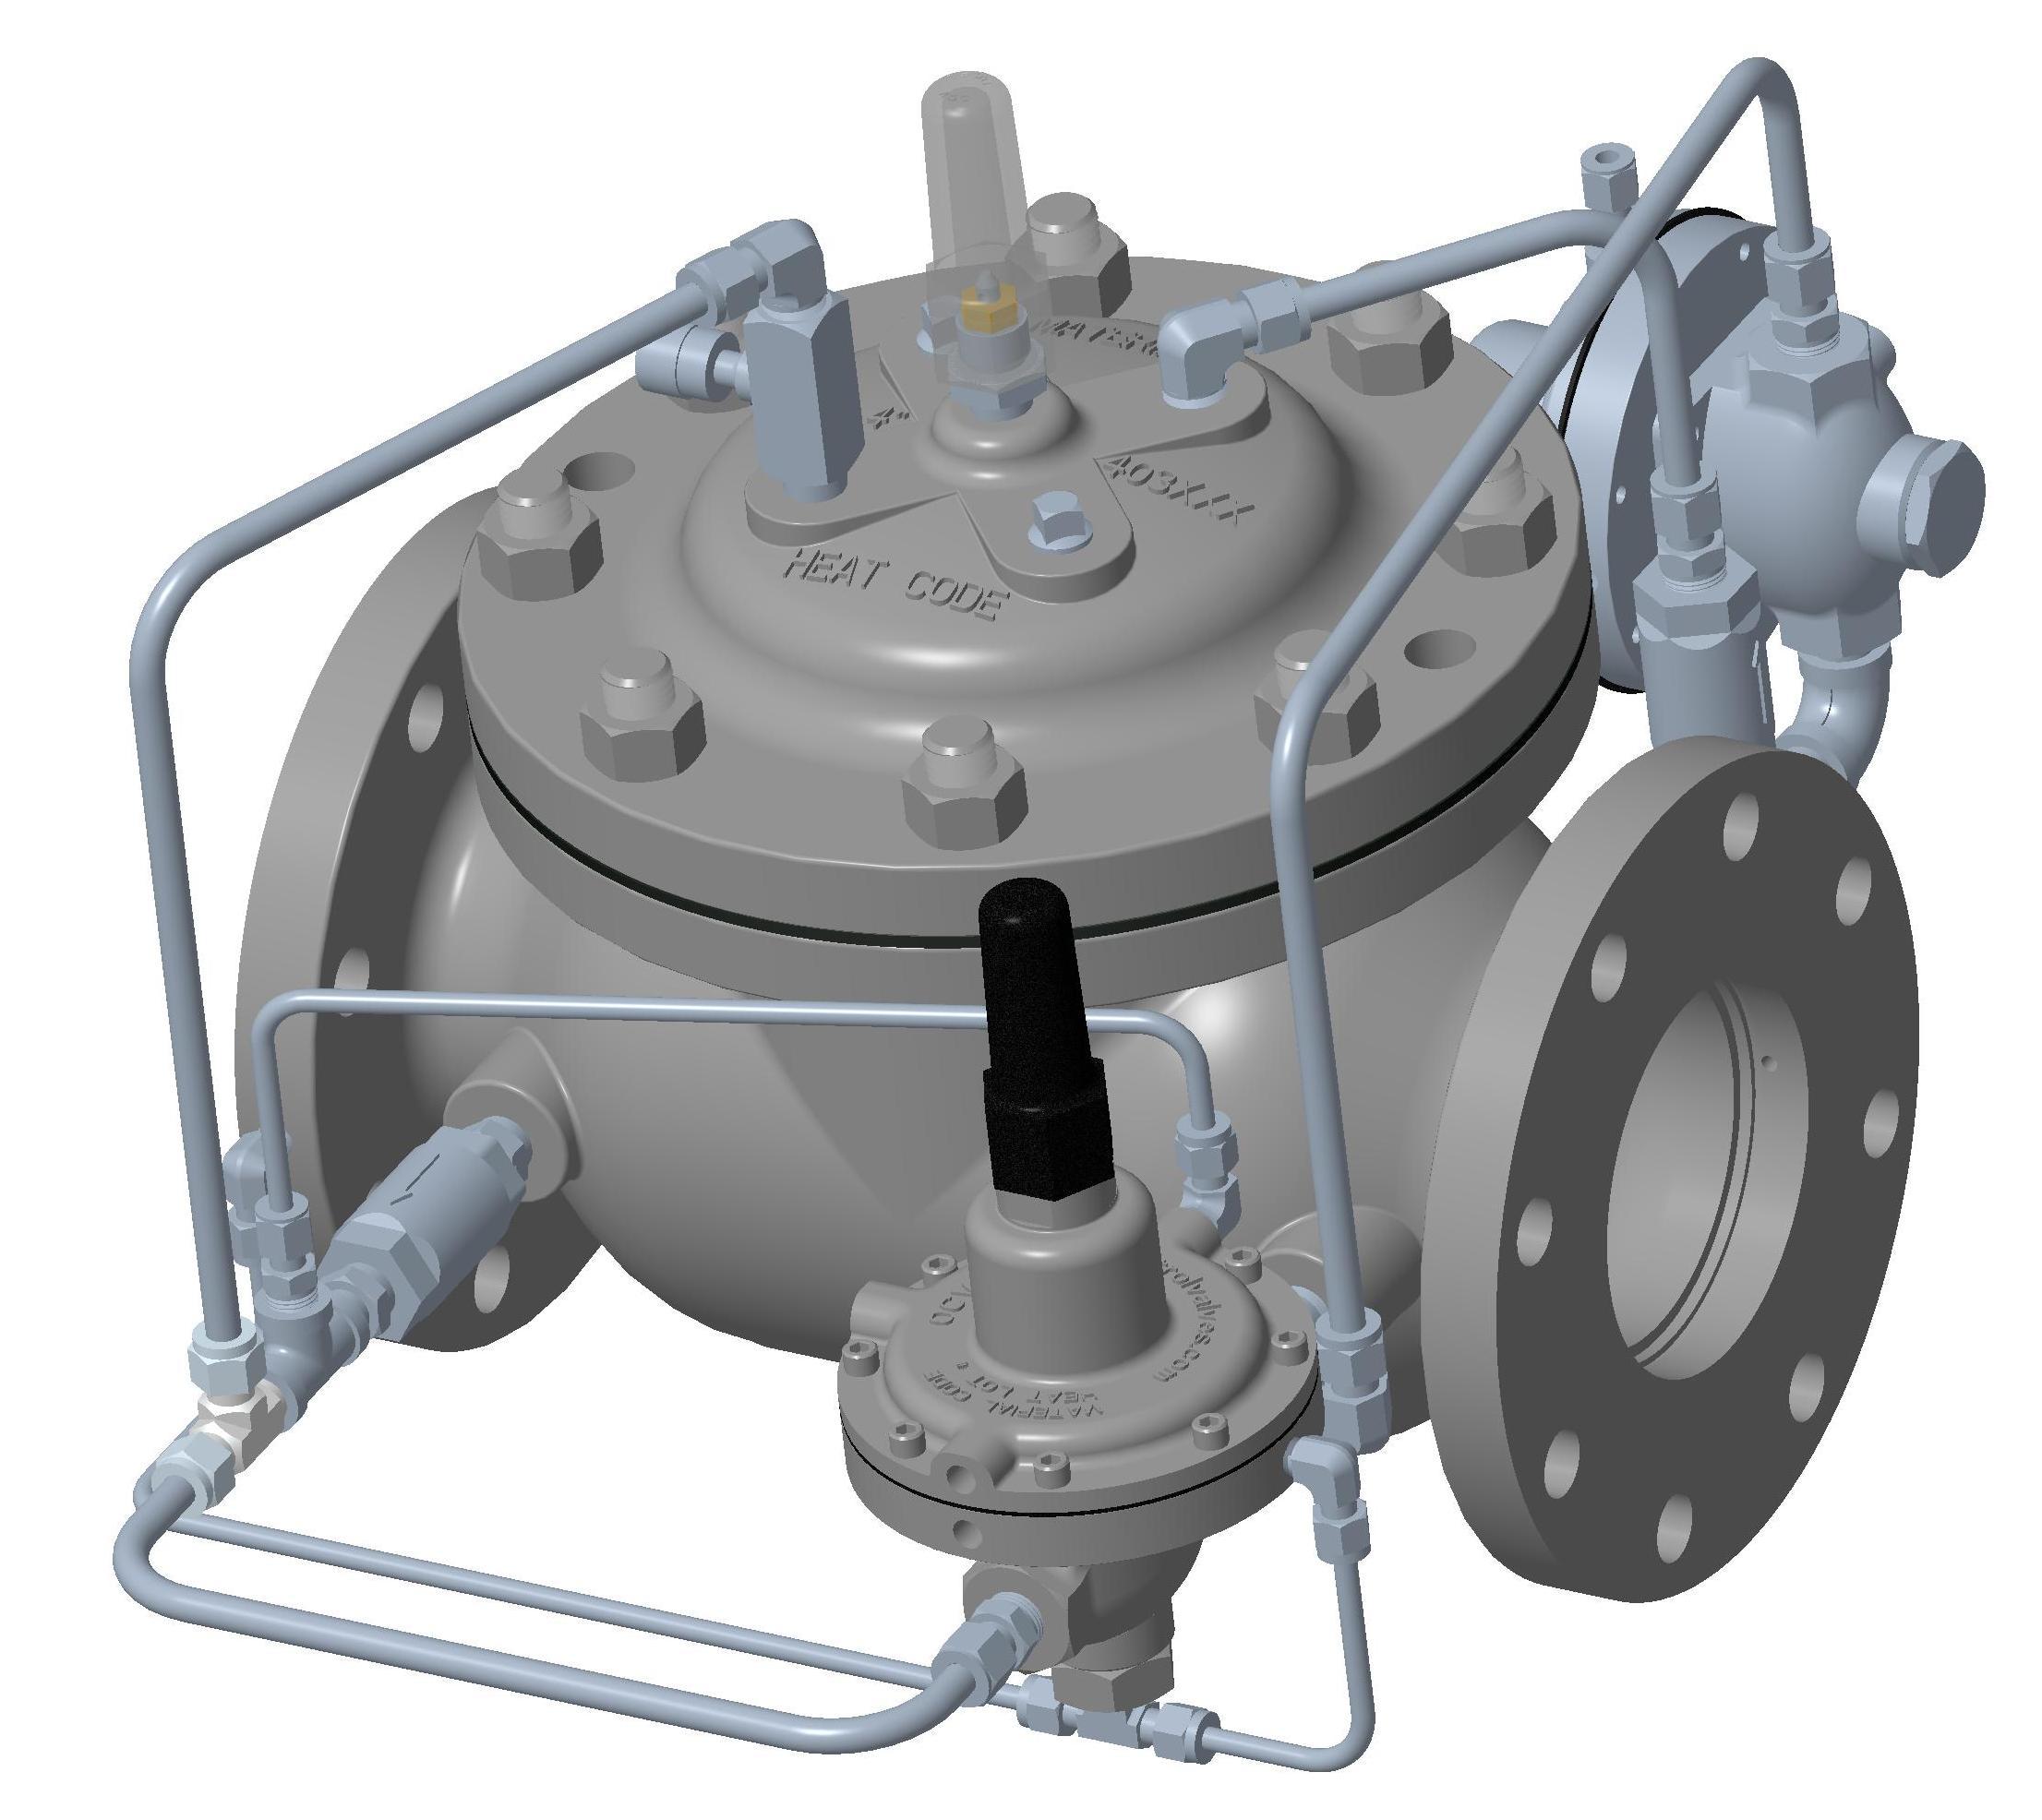 Model 120-6PS - VAN ĐÓNG NGẮT OCV- Model 120-6PS Rate of Flow Control/Pump Suction Control/Check Valve